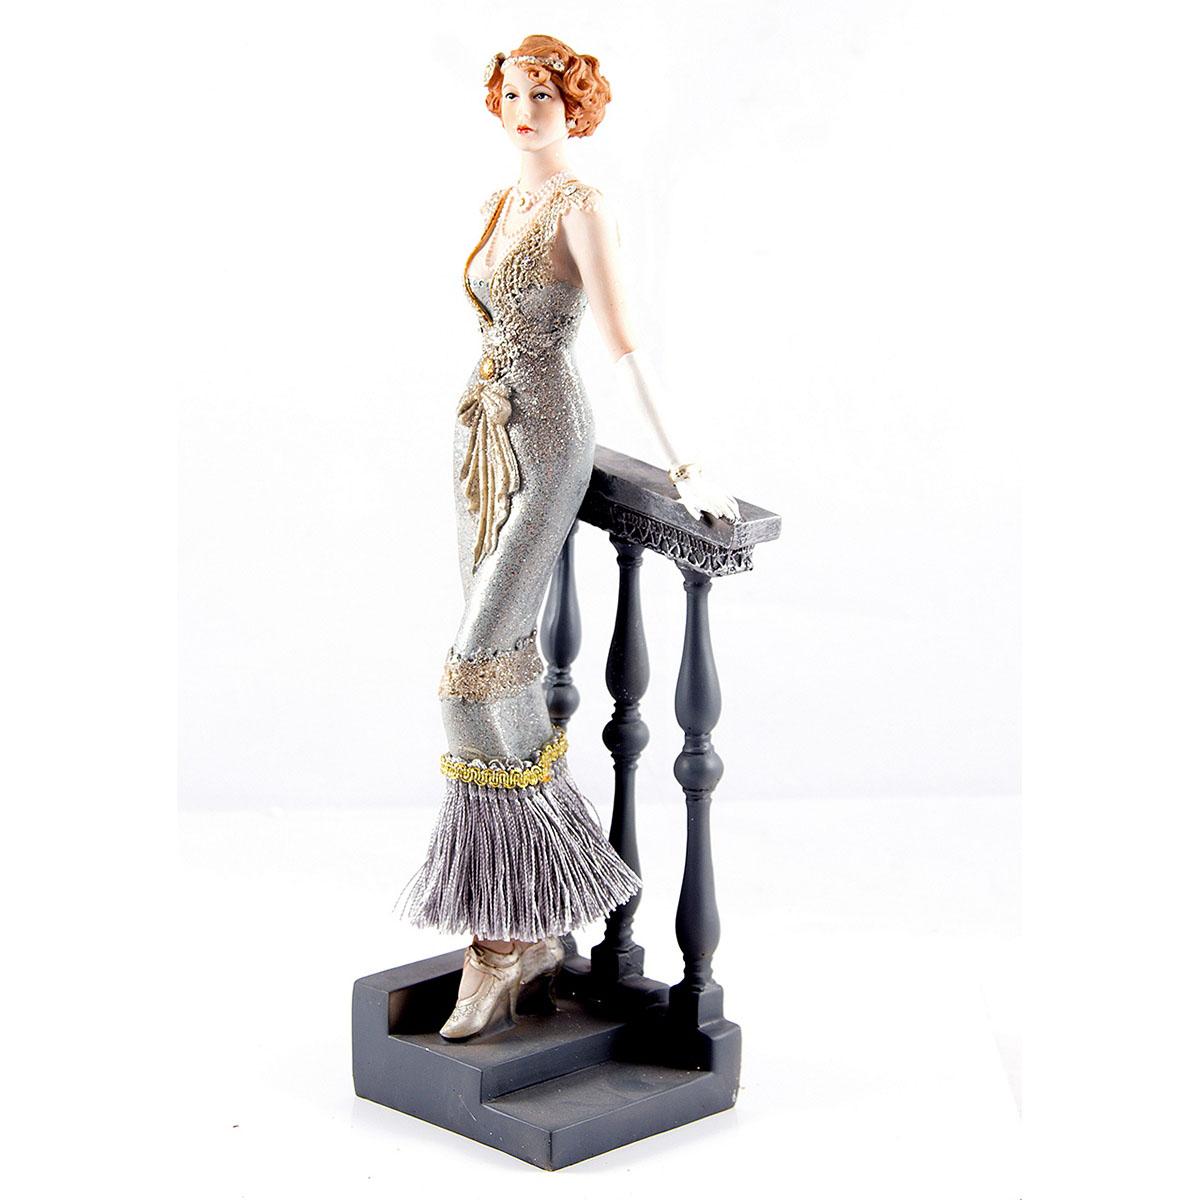 Статуэтка Русские Подарки Мисс Серцеедка, 13 х 9 х 34 см статуэтка русские подарки мисс рандеву 11 х 10 х 31 см